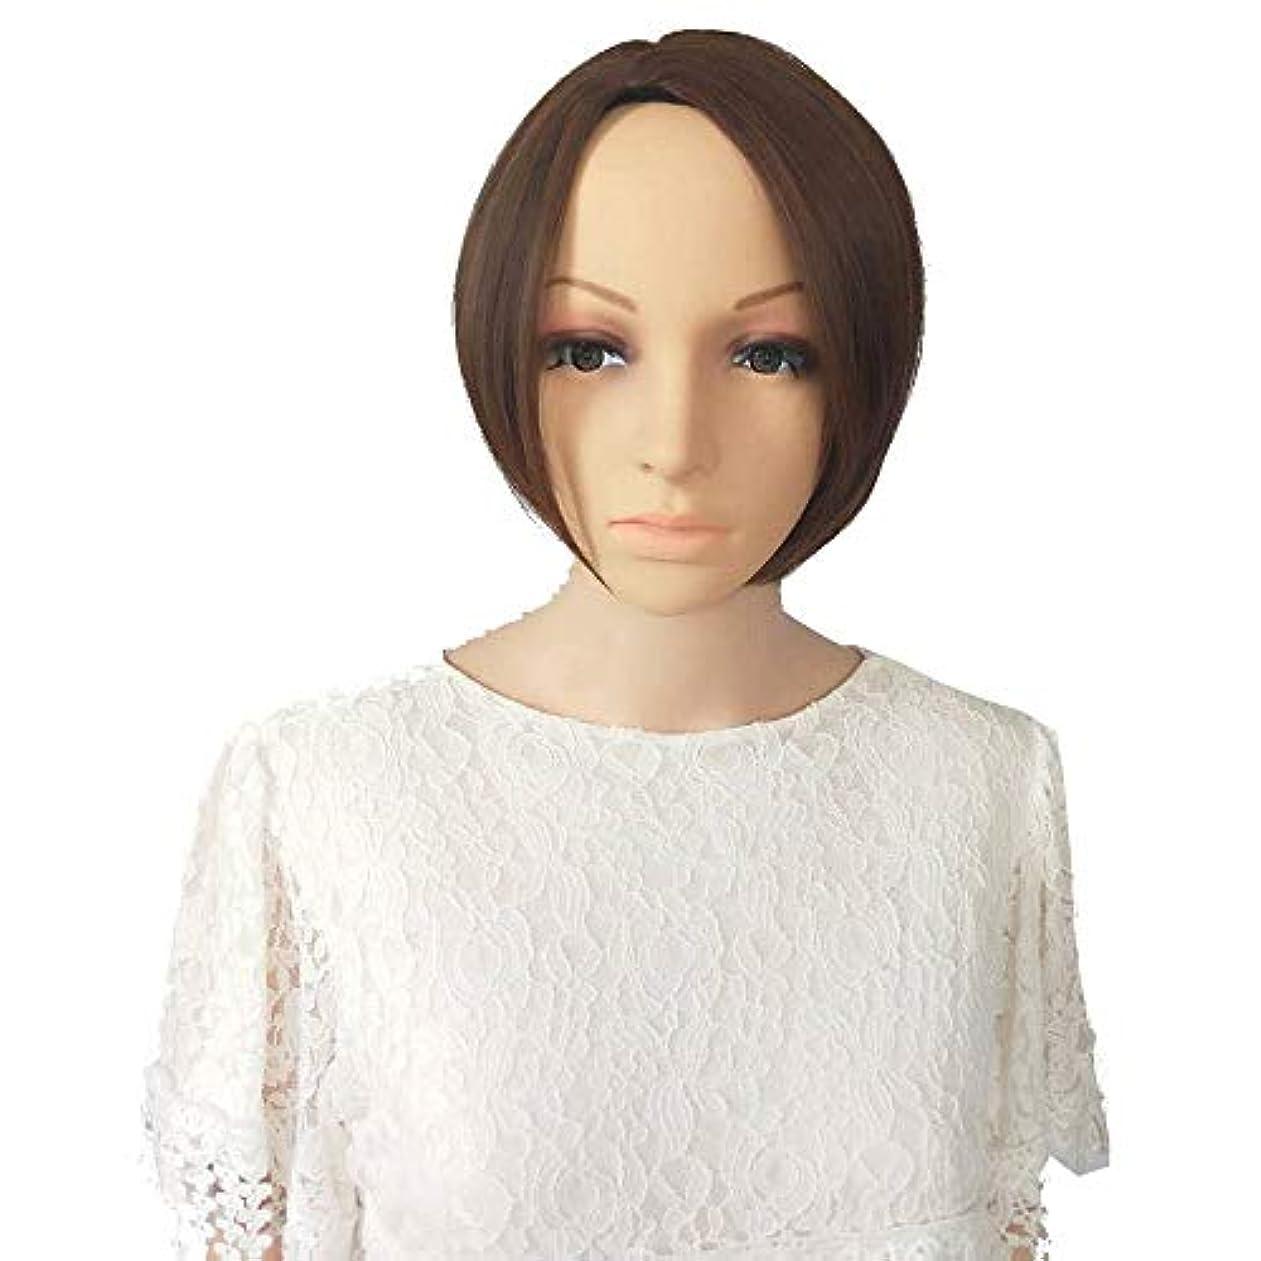 罰するのみ居住者WASAIO 自由な部分の帽子との女性の付属品様式の取り替えのための自然な見る茶色の短いボブのストレートの毛のかつら (色 : ブラウン)